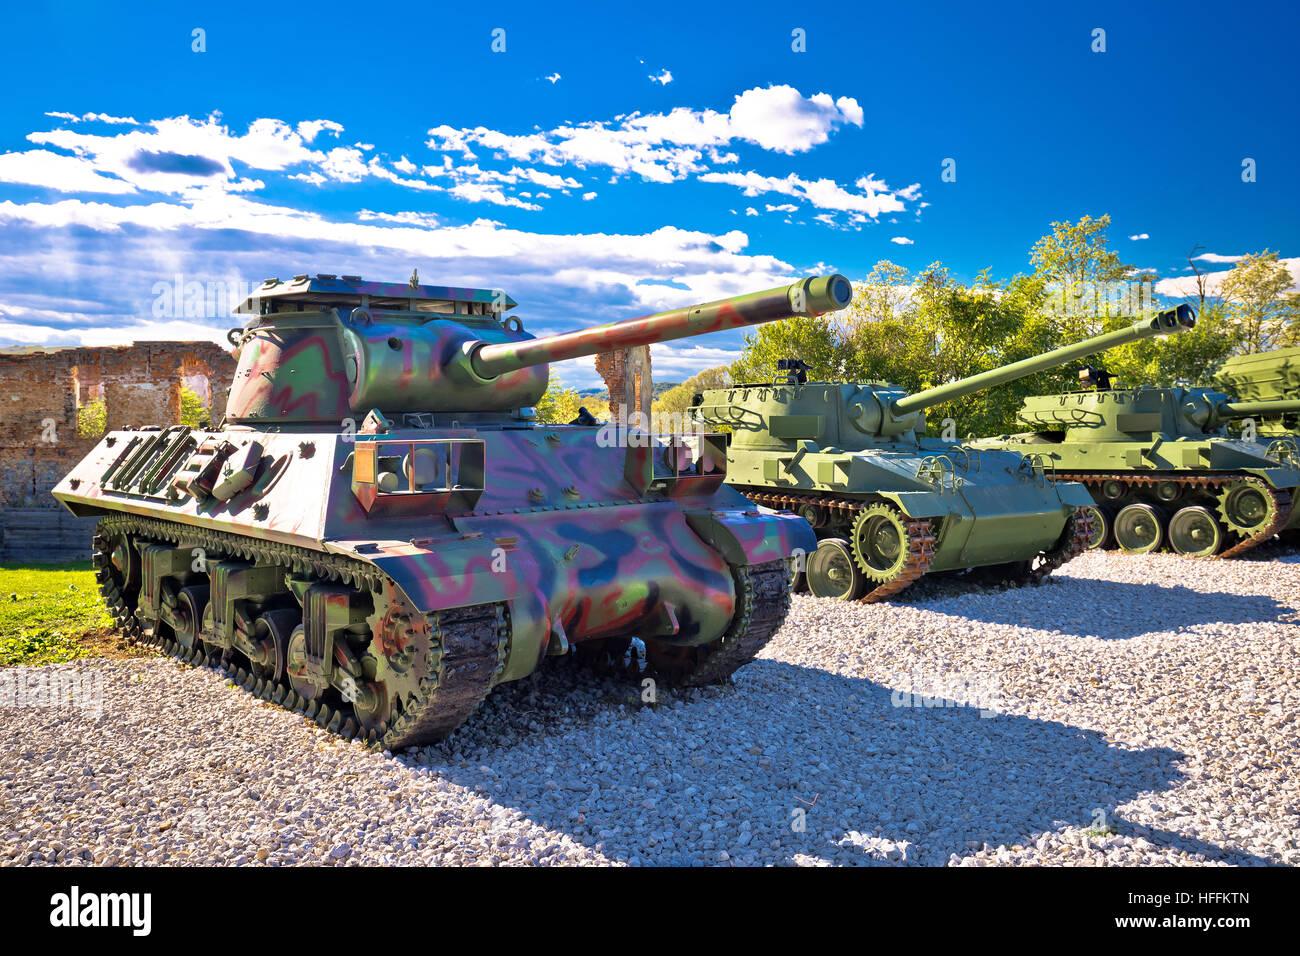 Les chars de l'armée en vue parc, Karlovac, Croatie Banque D'Images